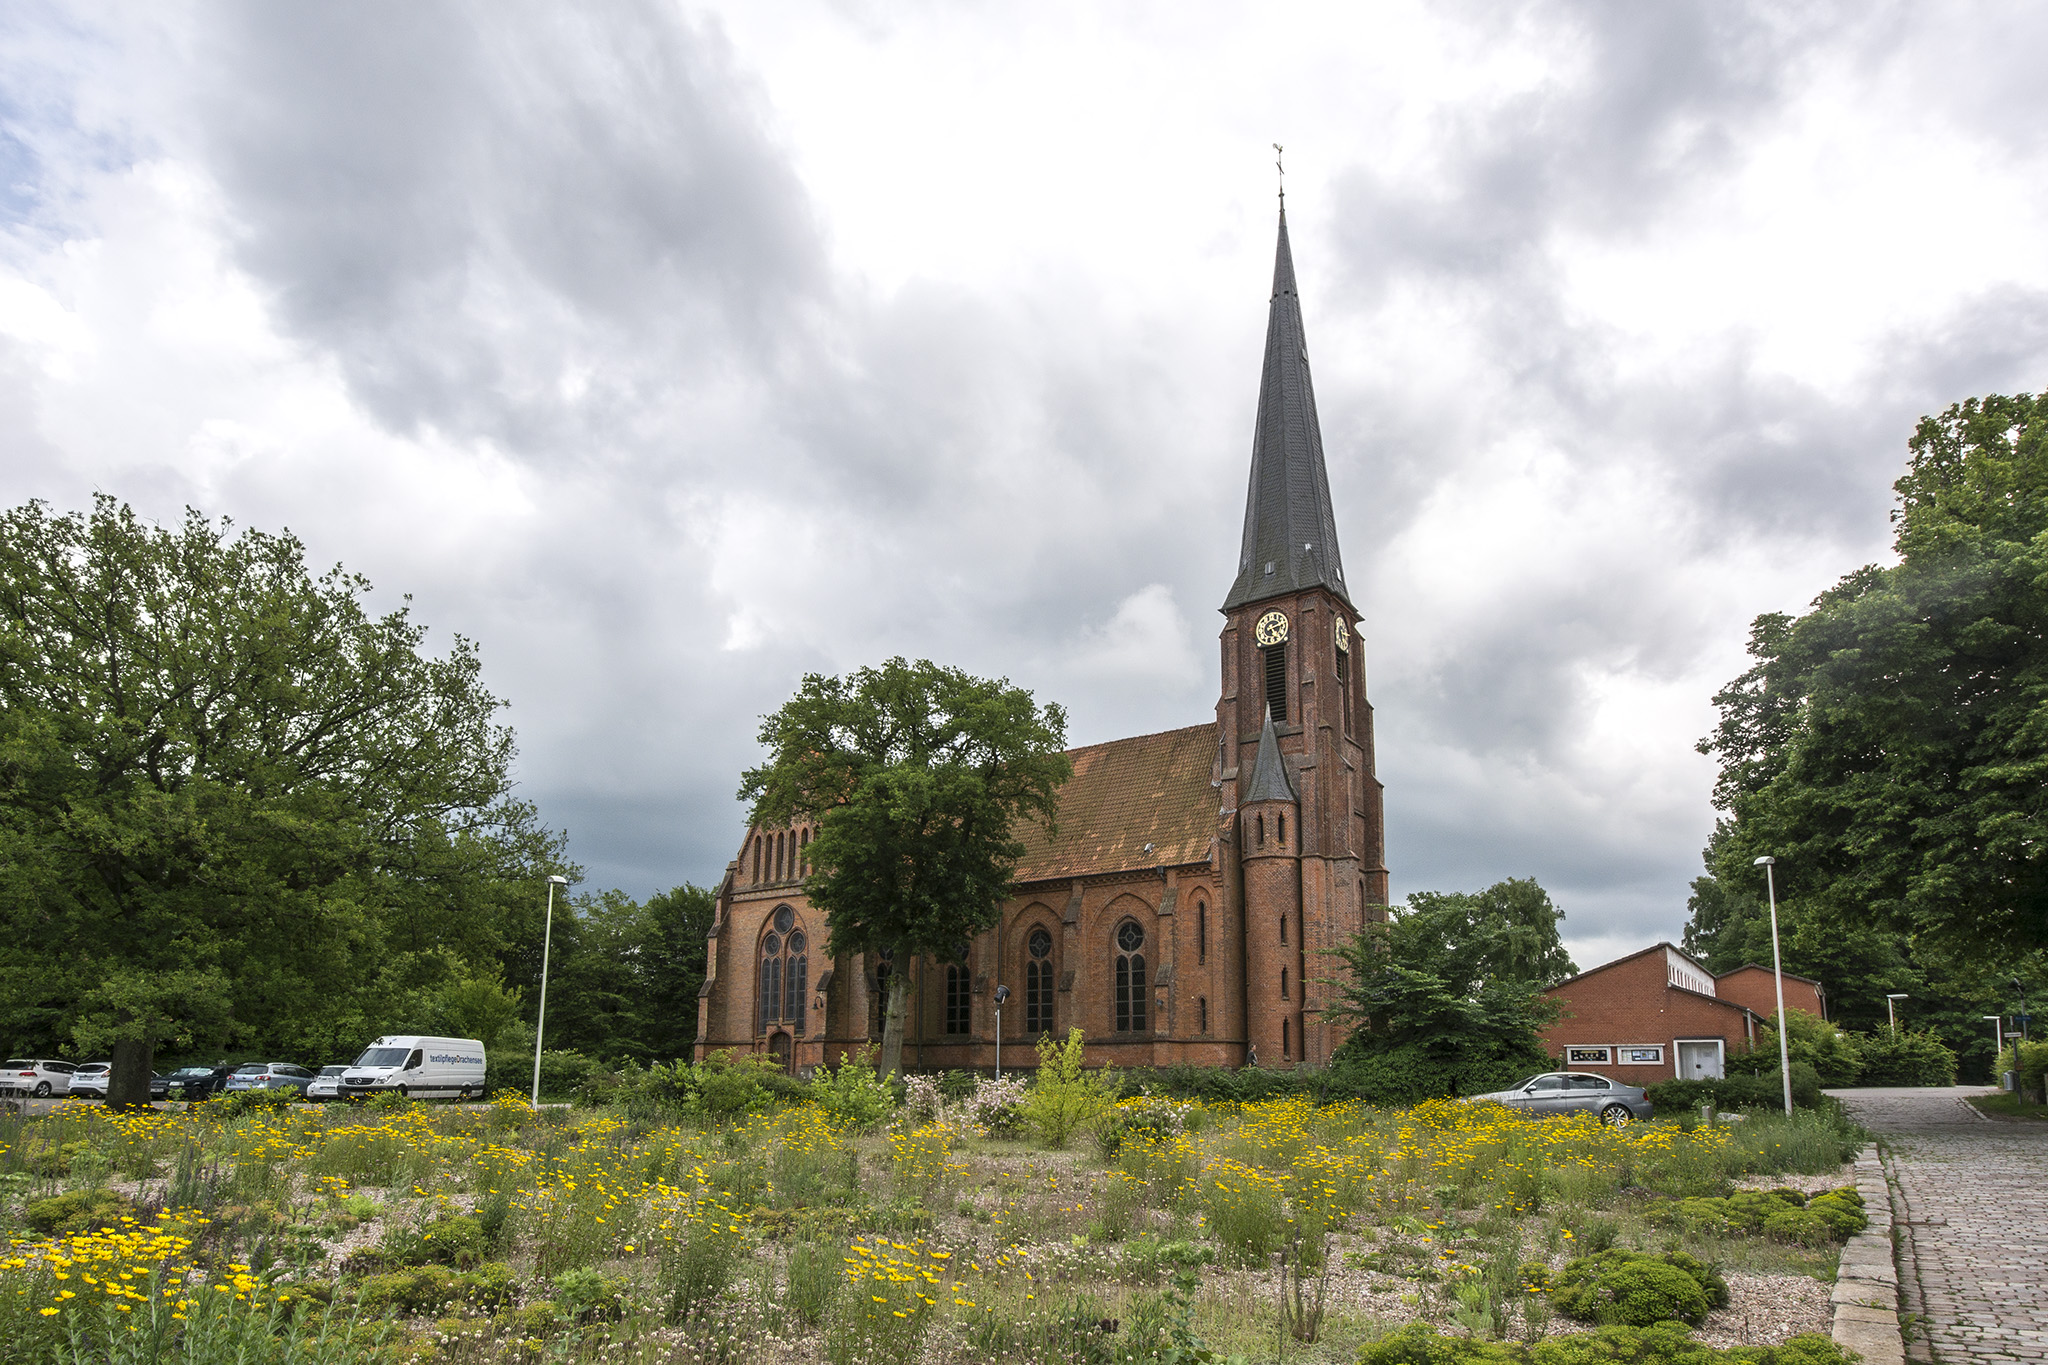 Elmschenhagen